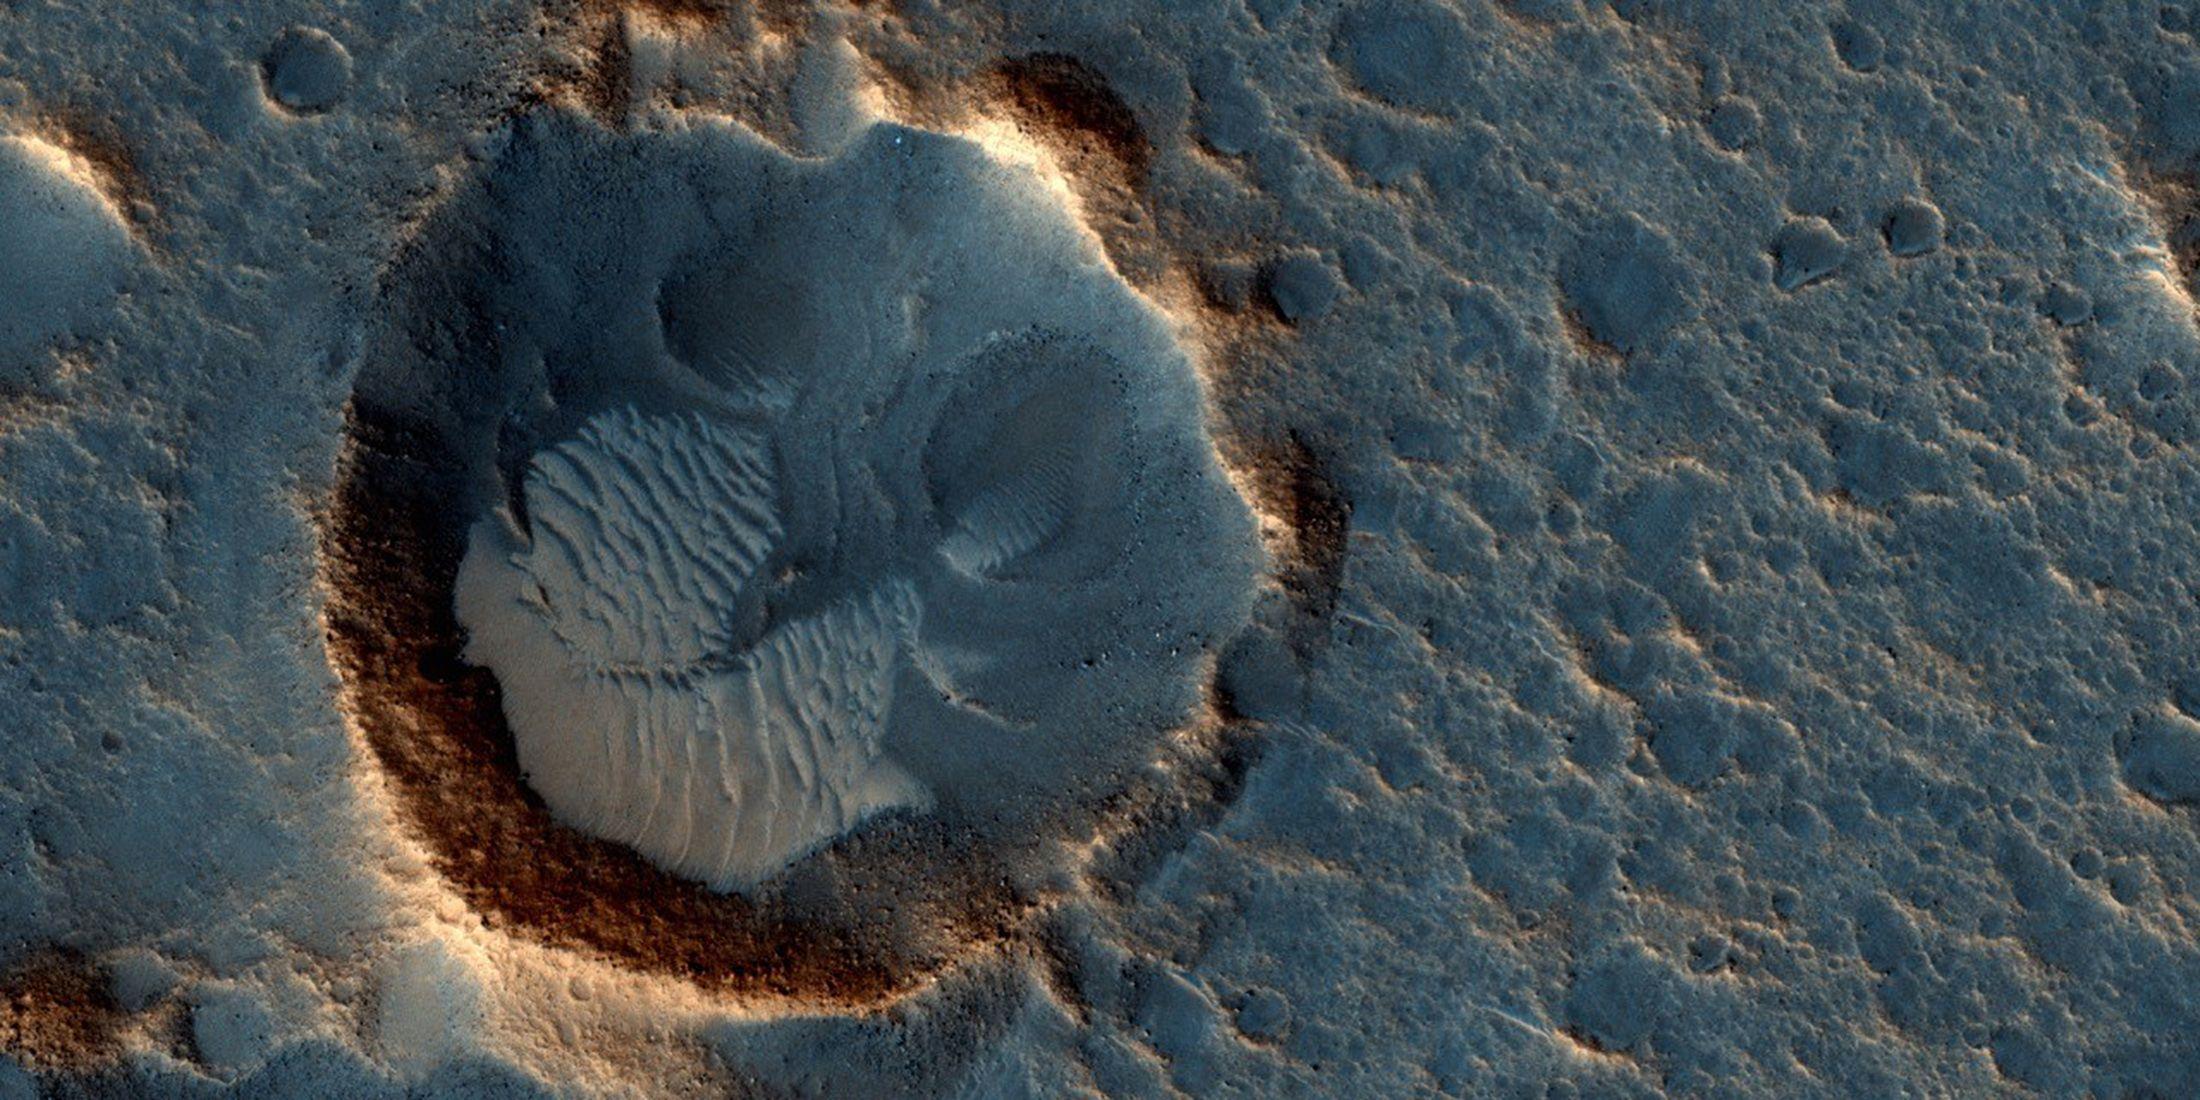 0719_ancient_civilizations_Mars_01